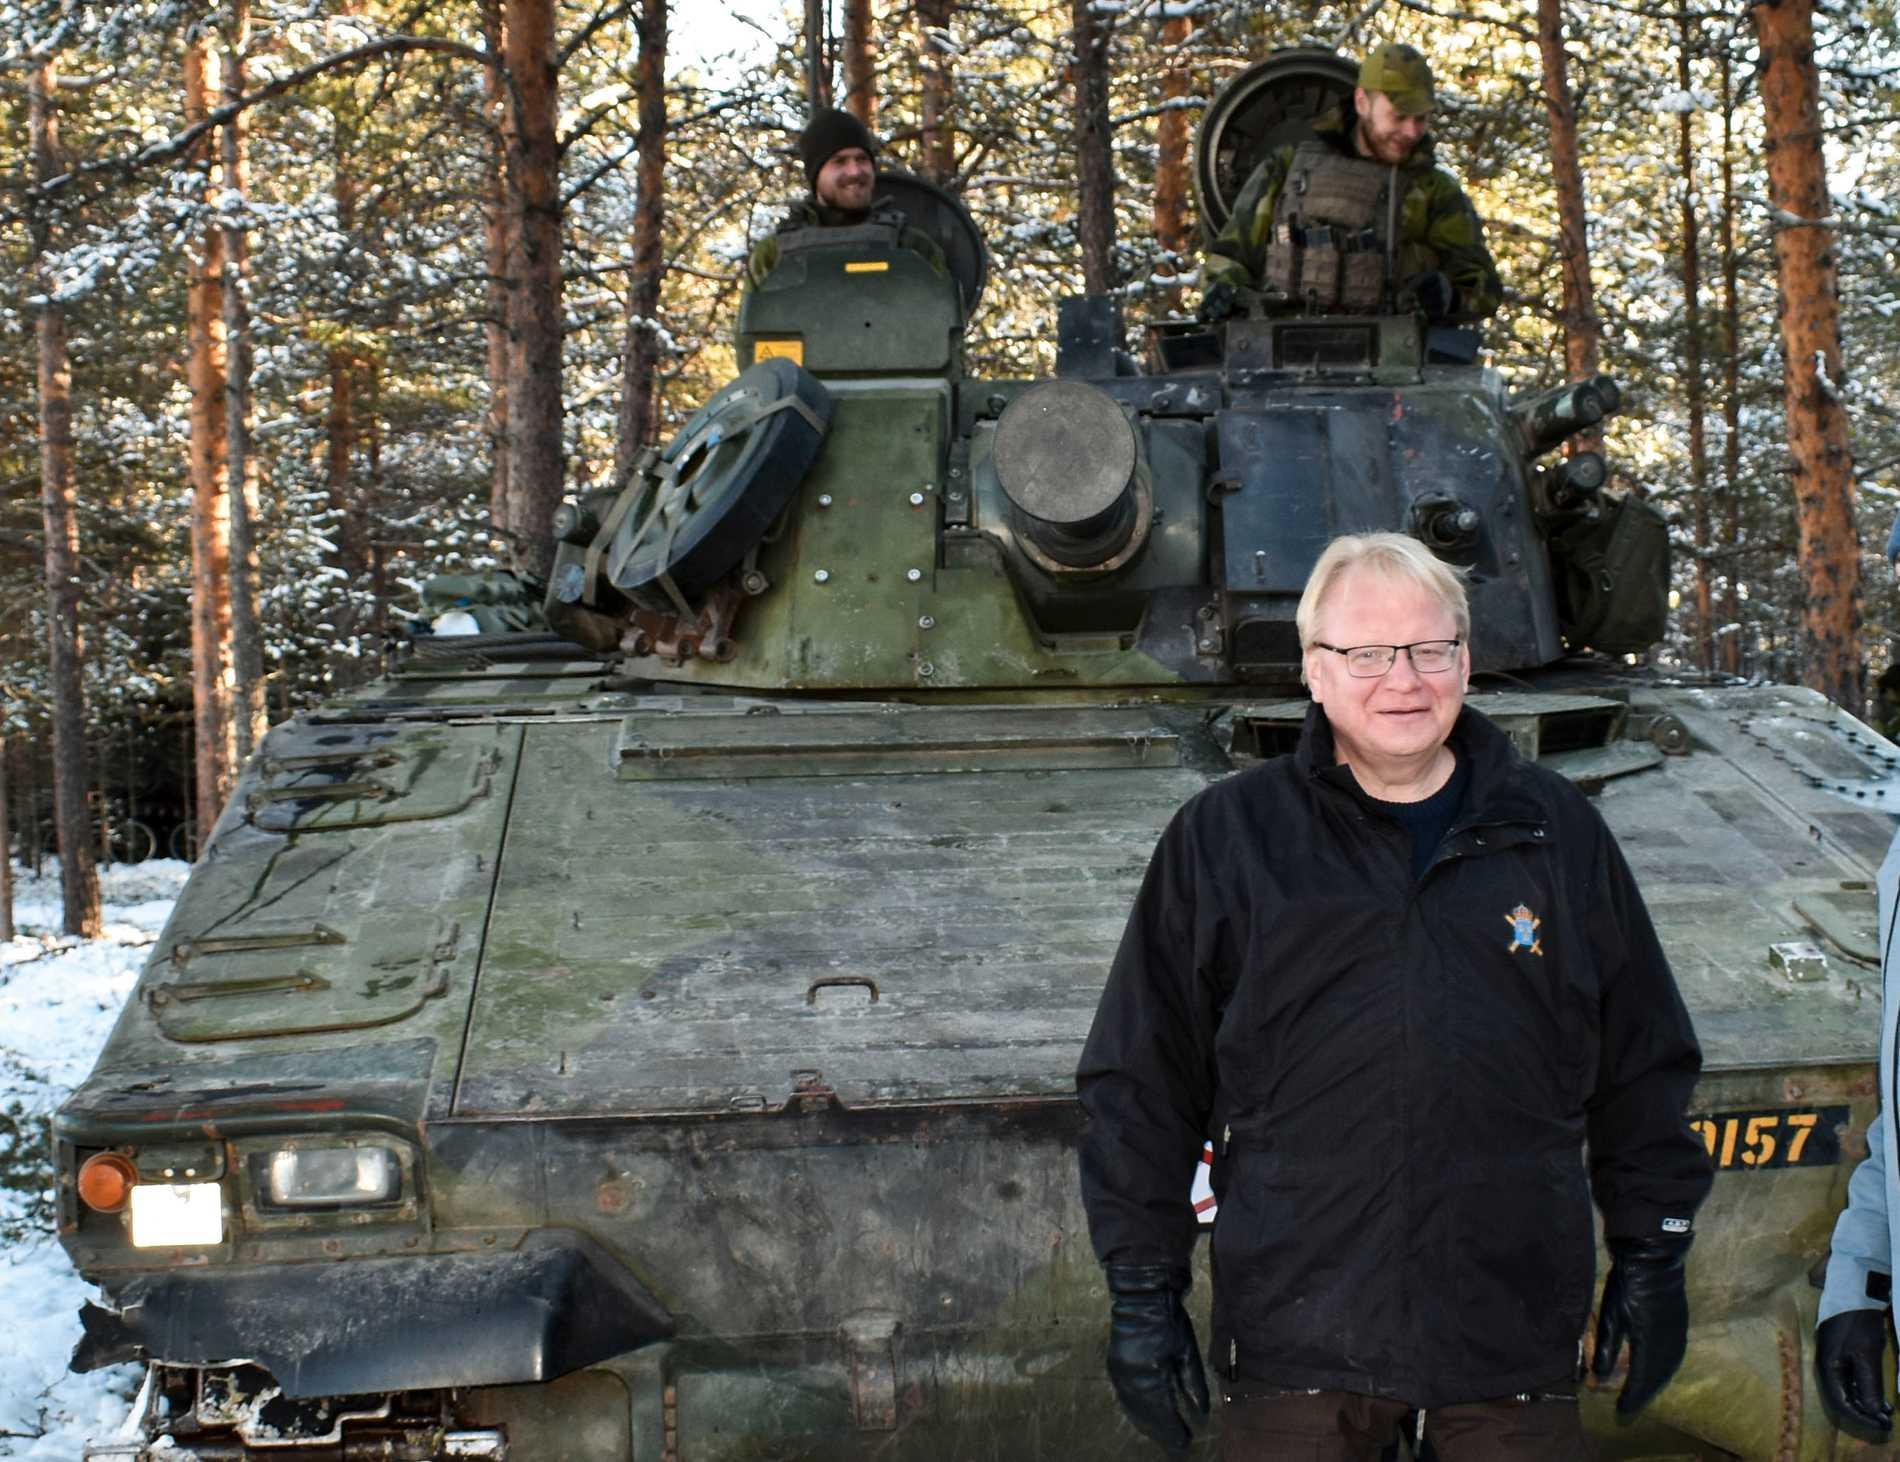 Försvarsminister Peter Hultqvist fanns på plats under den stora Nato-övningen Trident Juncture 18 i Norge. Arkivfoto.